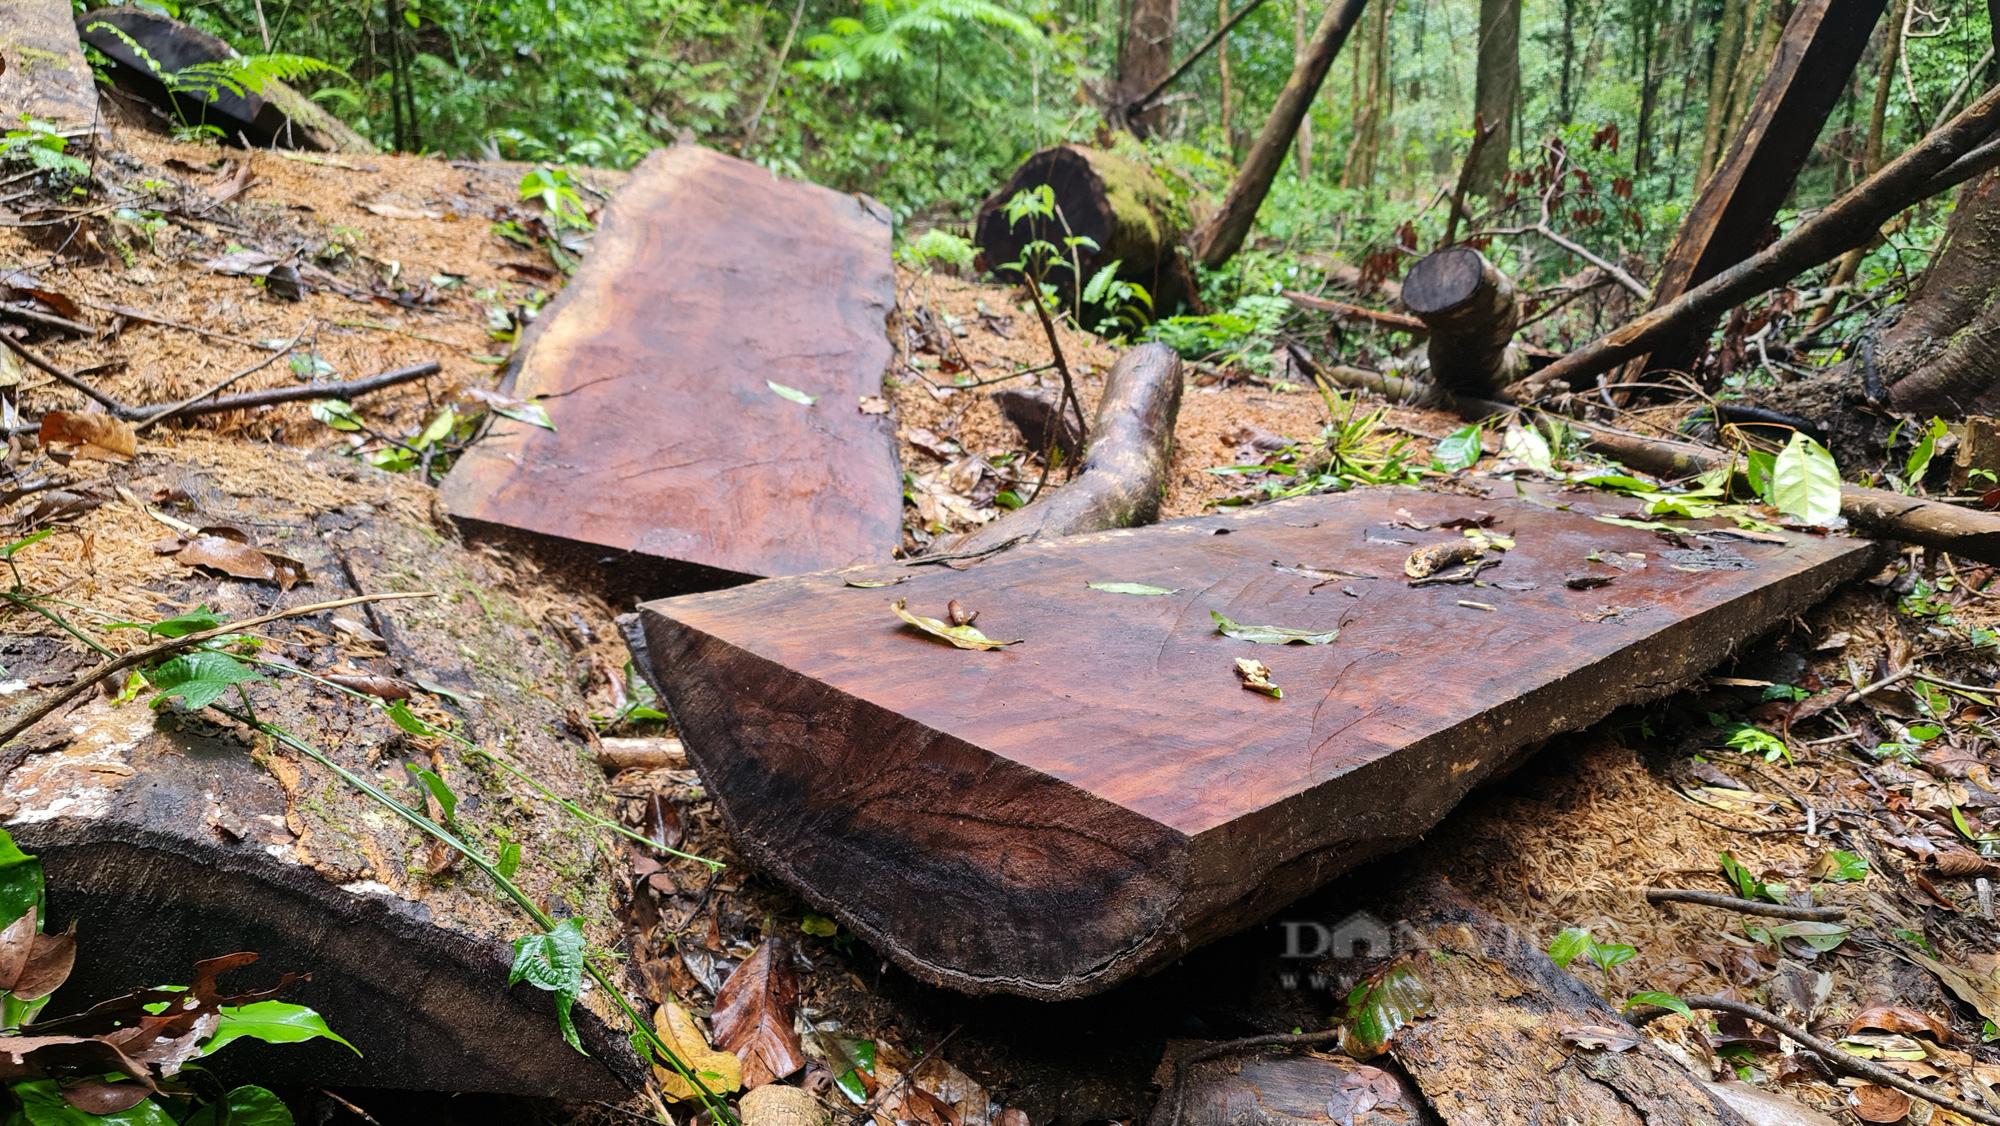 """Lâm Đồng: Hiện trường vụ """"tàn sát"""" rừng dổi tự nhiên ở khu vực giáp ranh của 3 huyện - Ảnh 3."""